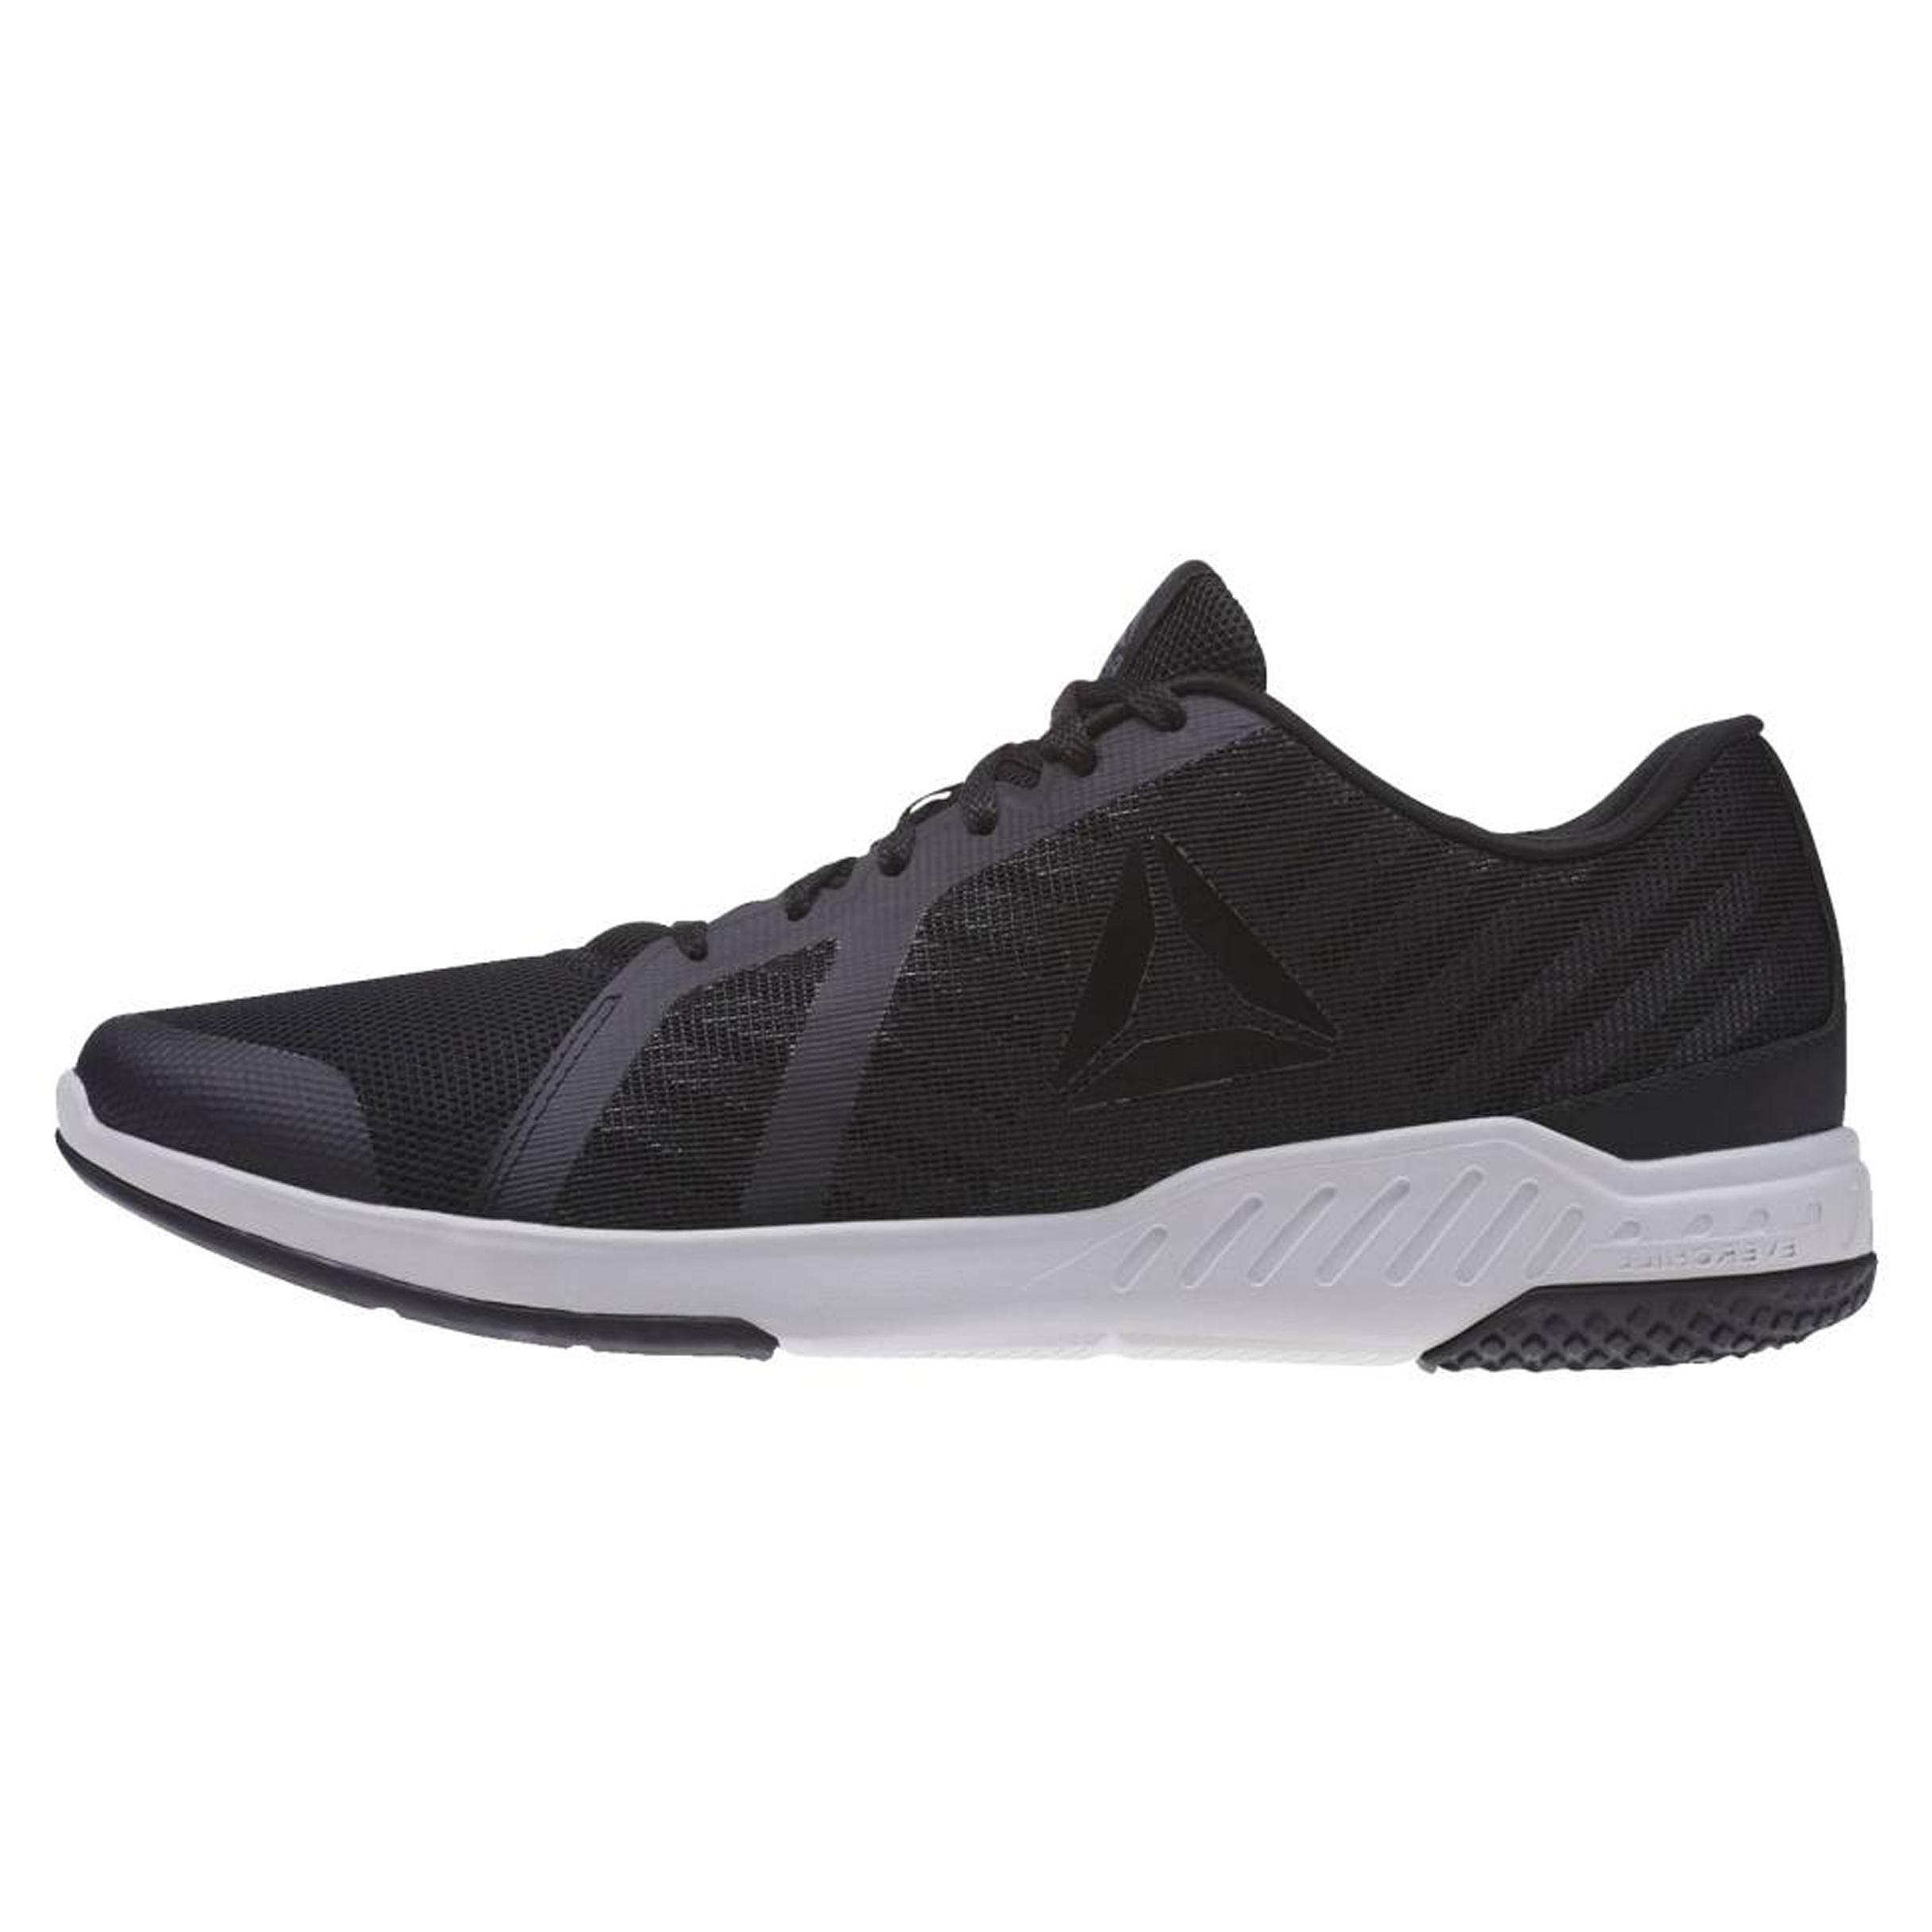 فروش                     کفش تمرین بندی مردانه Everchill - ریباک